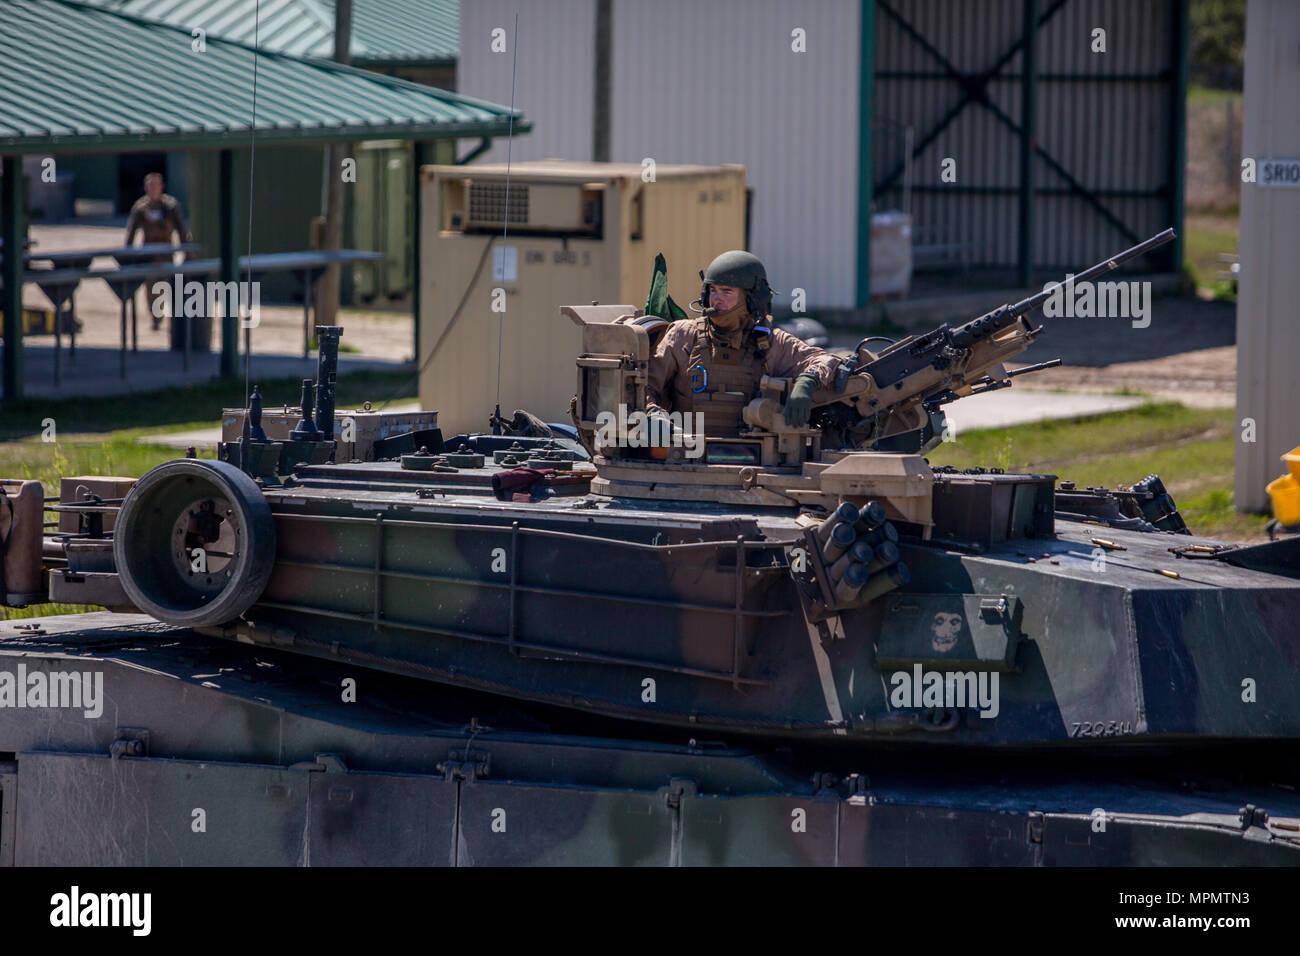 Major General John K. Liebe sitzt auf einem M1A1 Abrams Panzer in Camp Lejeune, N.C., April 5, 2017. Liebe Zeit für die Interaktion mit den Marines der Bravo Company, 2. Tank Bataillon beim Steuern eines Tanks und seiner verschiedenen Waffensystemen. Liebe ist der kommandierende General des 2nd Marine Division. (U.S. Marine Corps Foto von Sgt. Anthony Mesa) Stockfoto